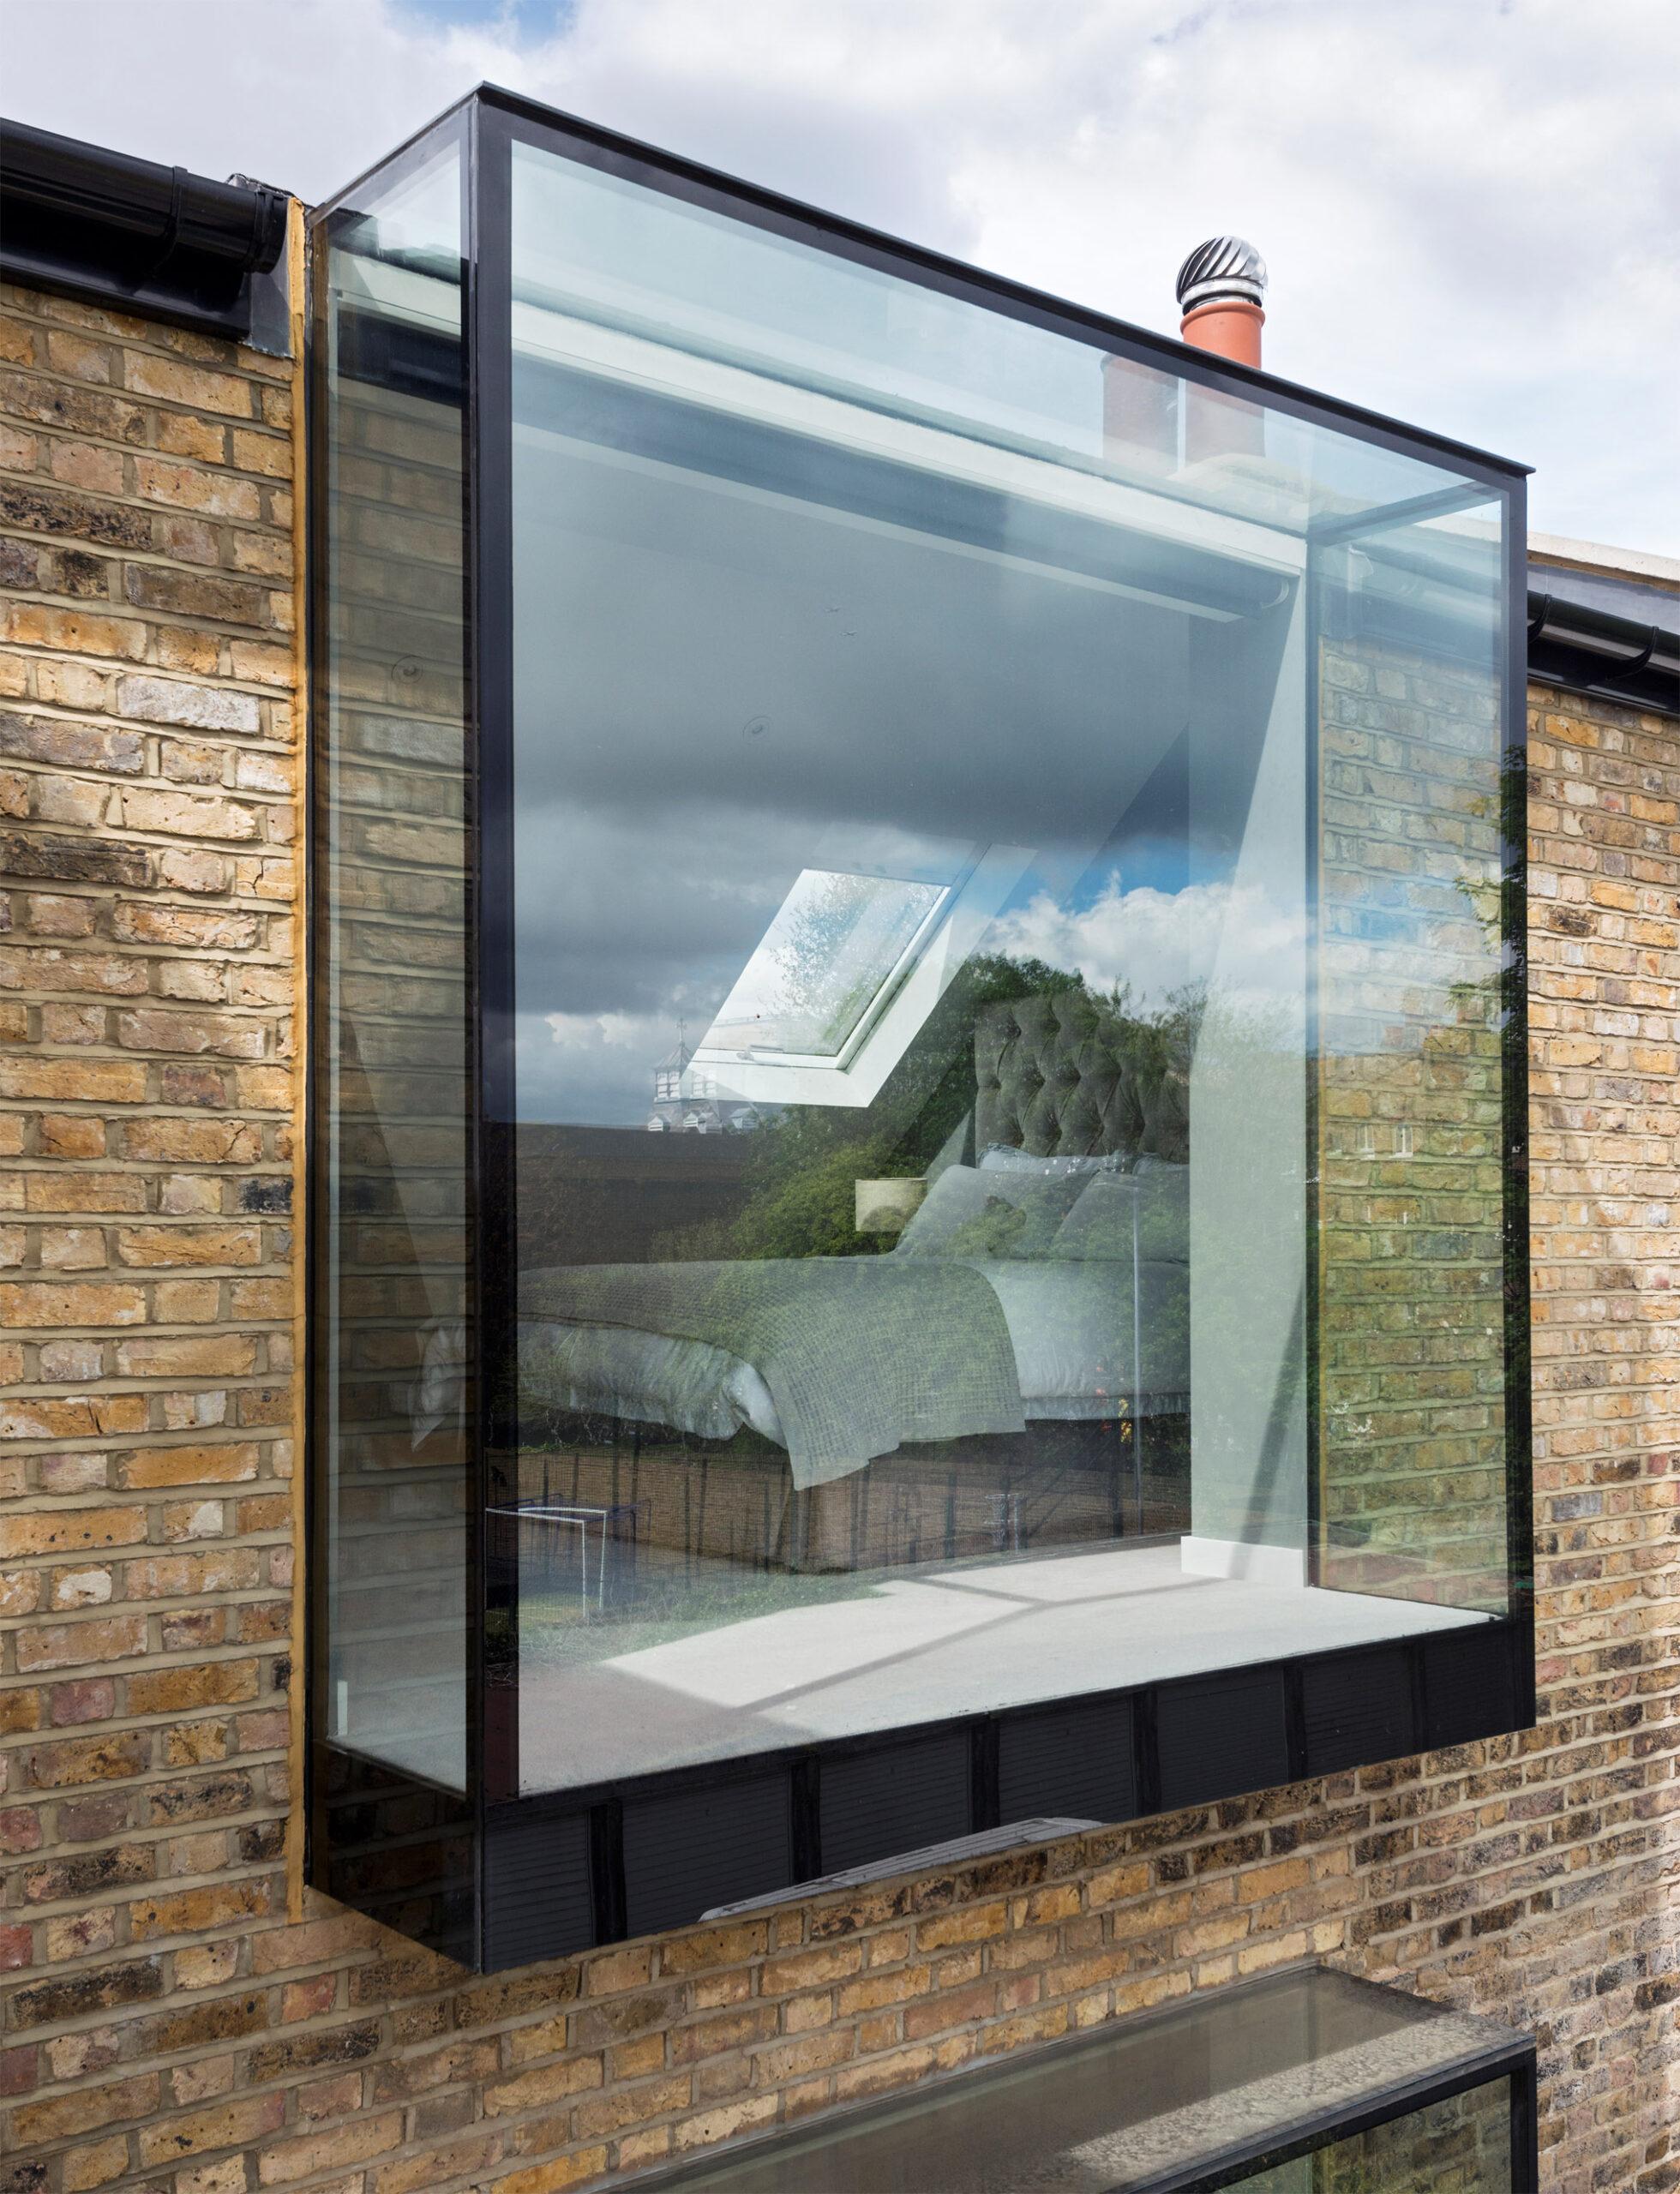 Alderbrook-Road-Bespoke-windows-oriel_1